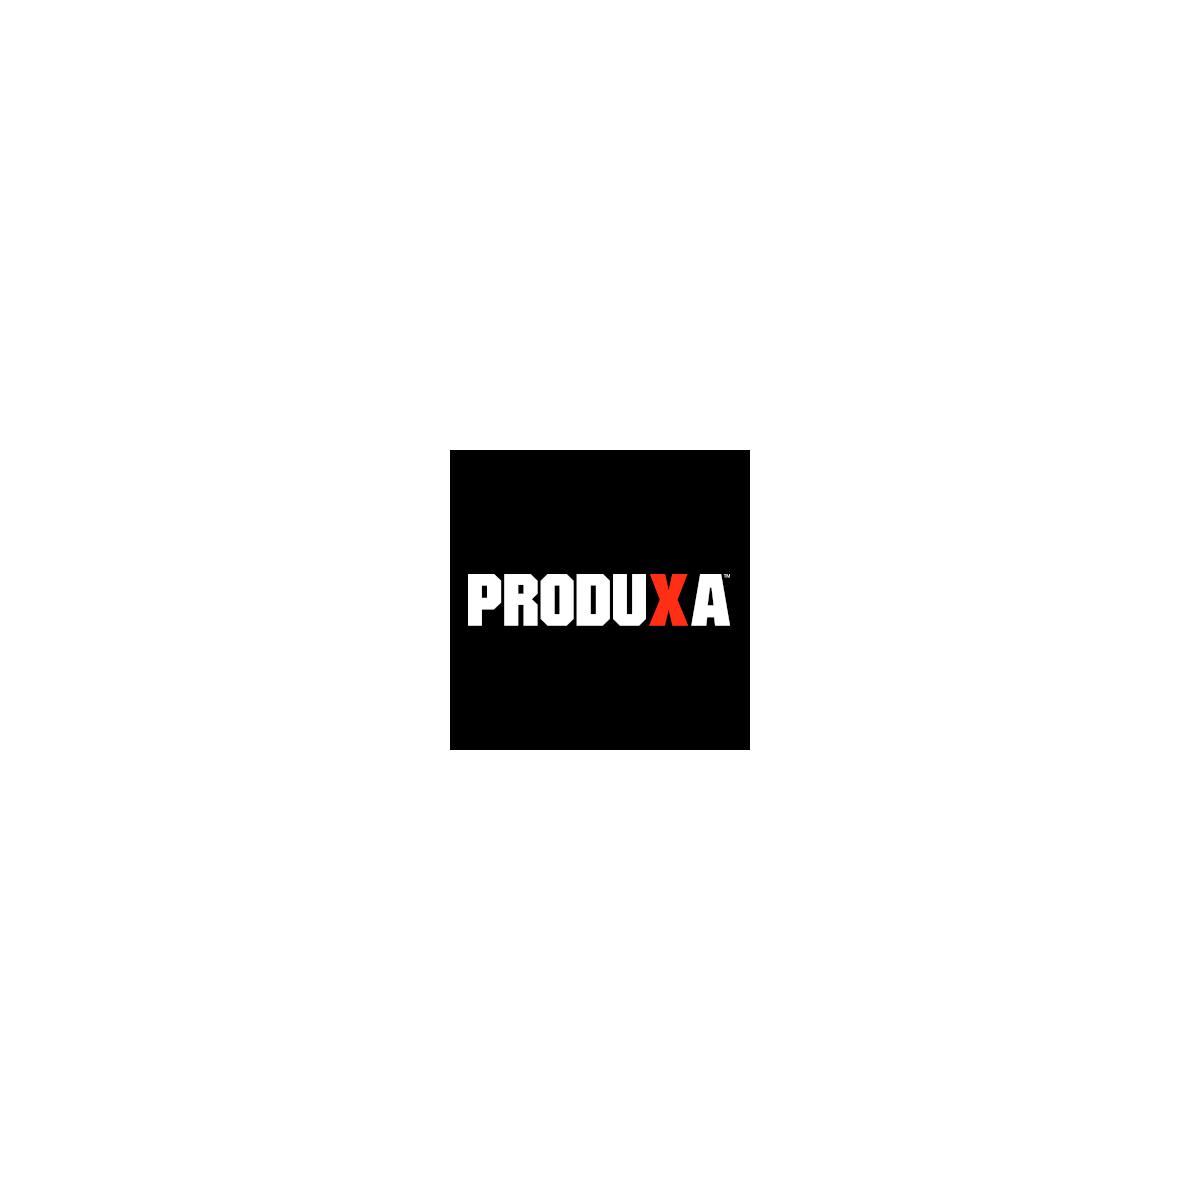 Produxa